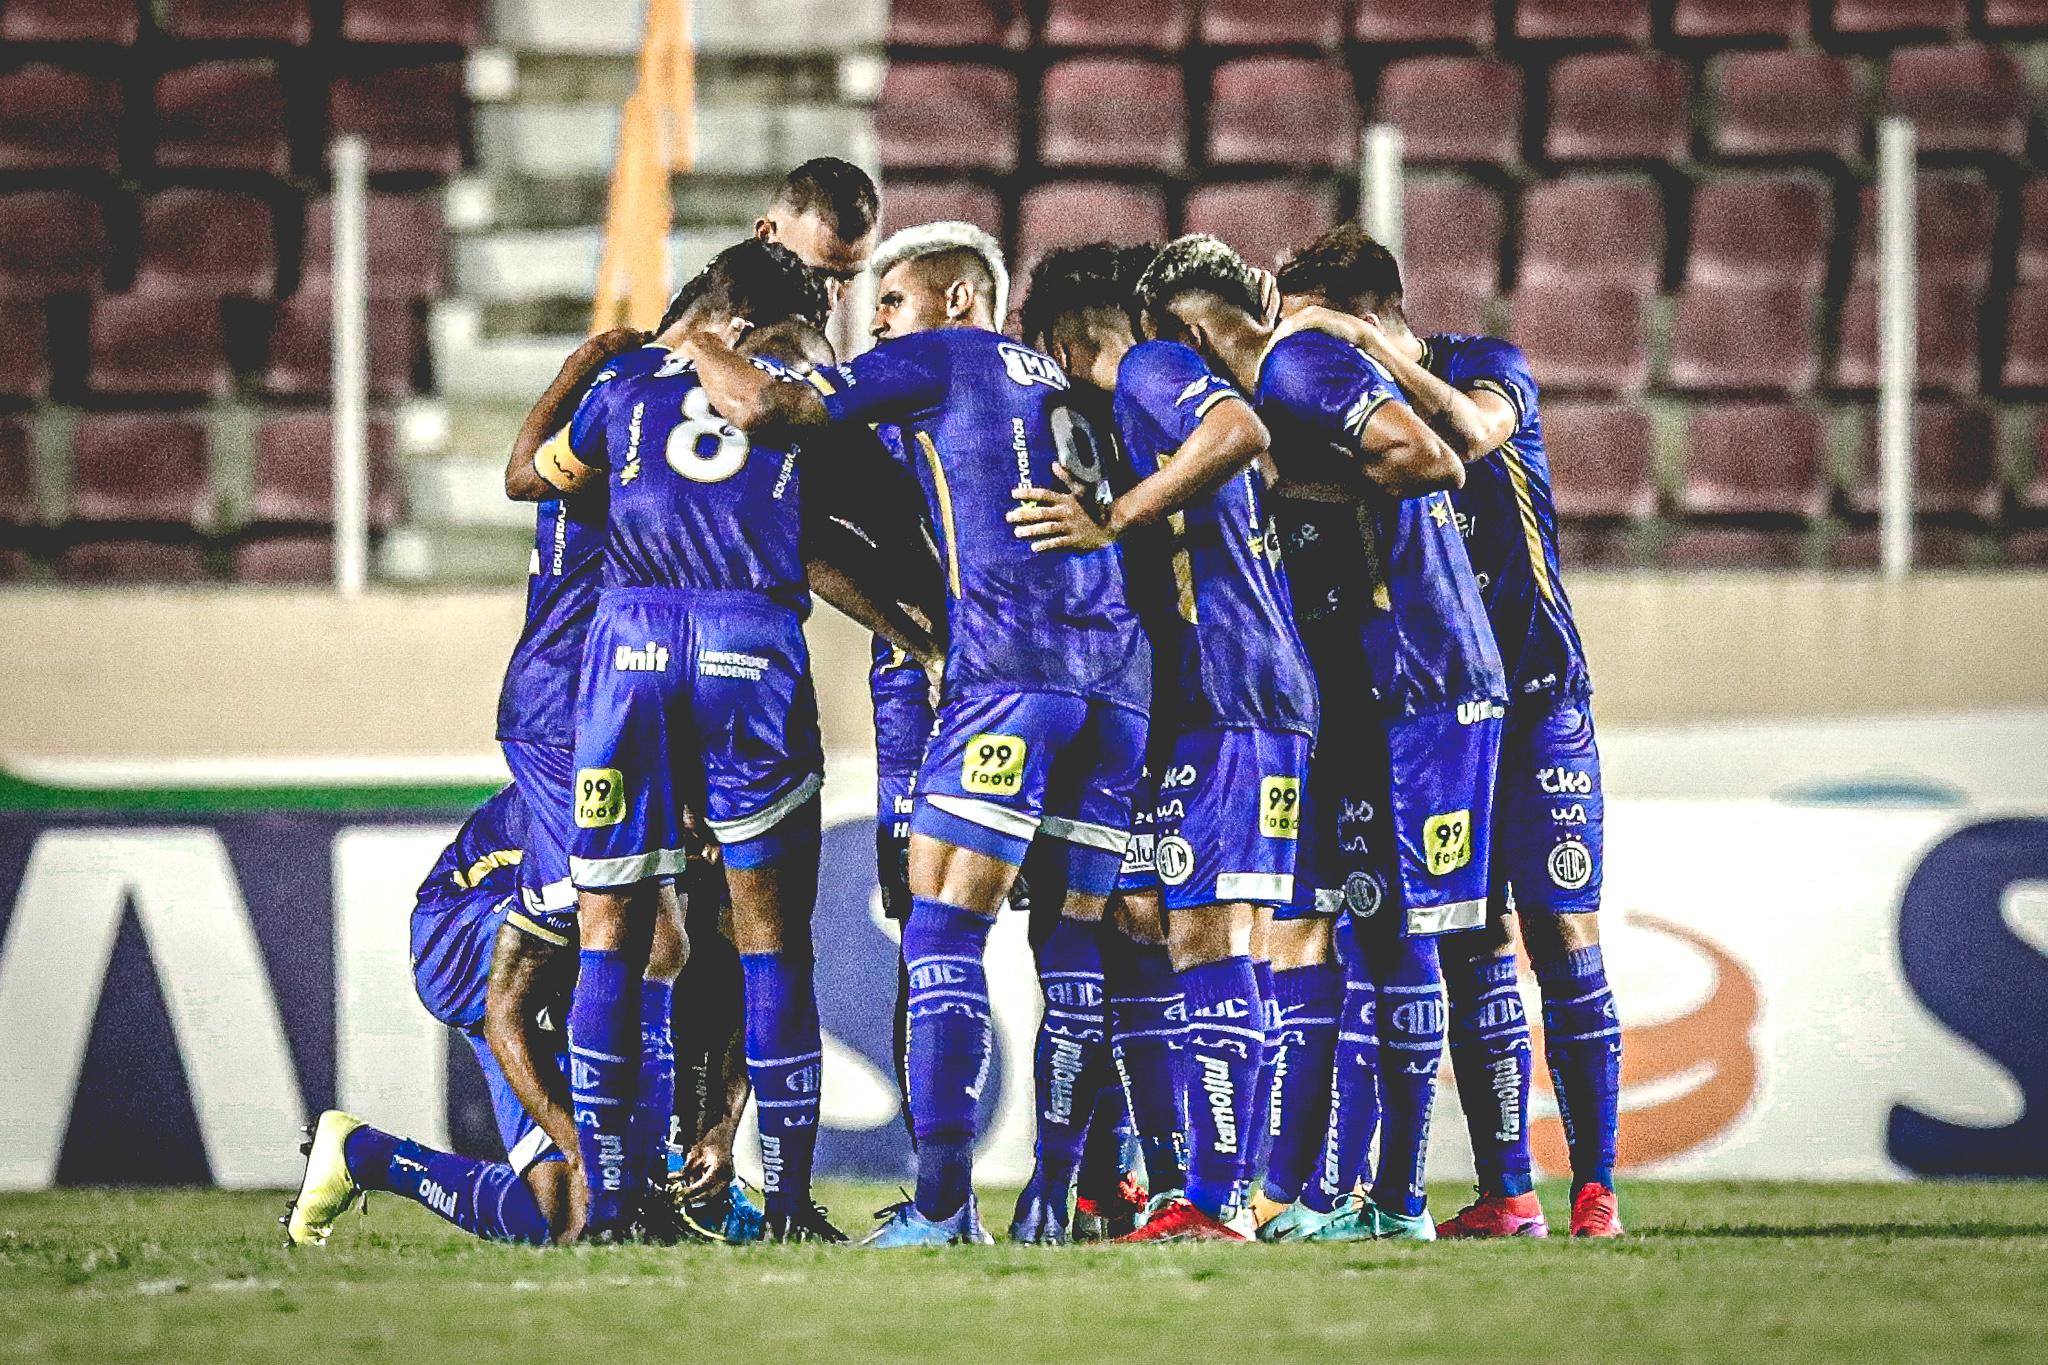 Com presença da torcida azulina, Confiança vence o Sampaio Corrêa por 2 a 0